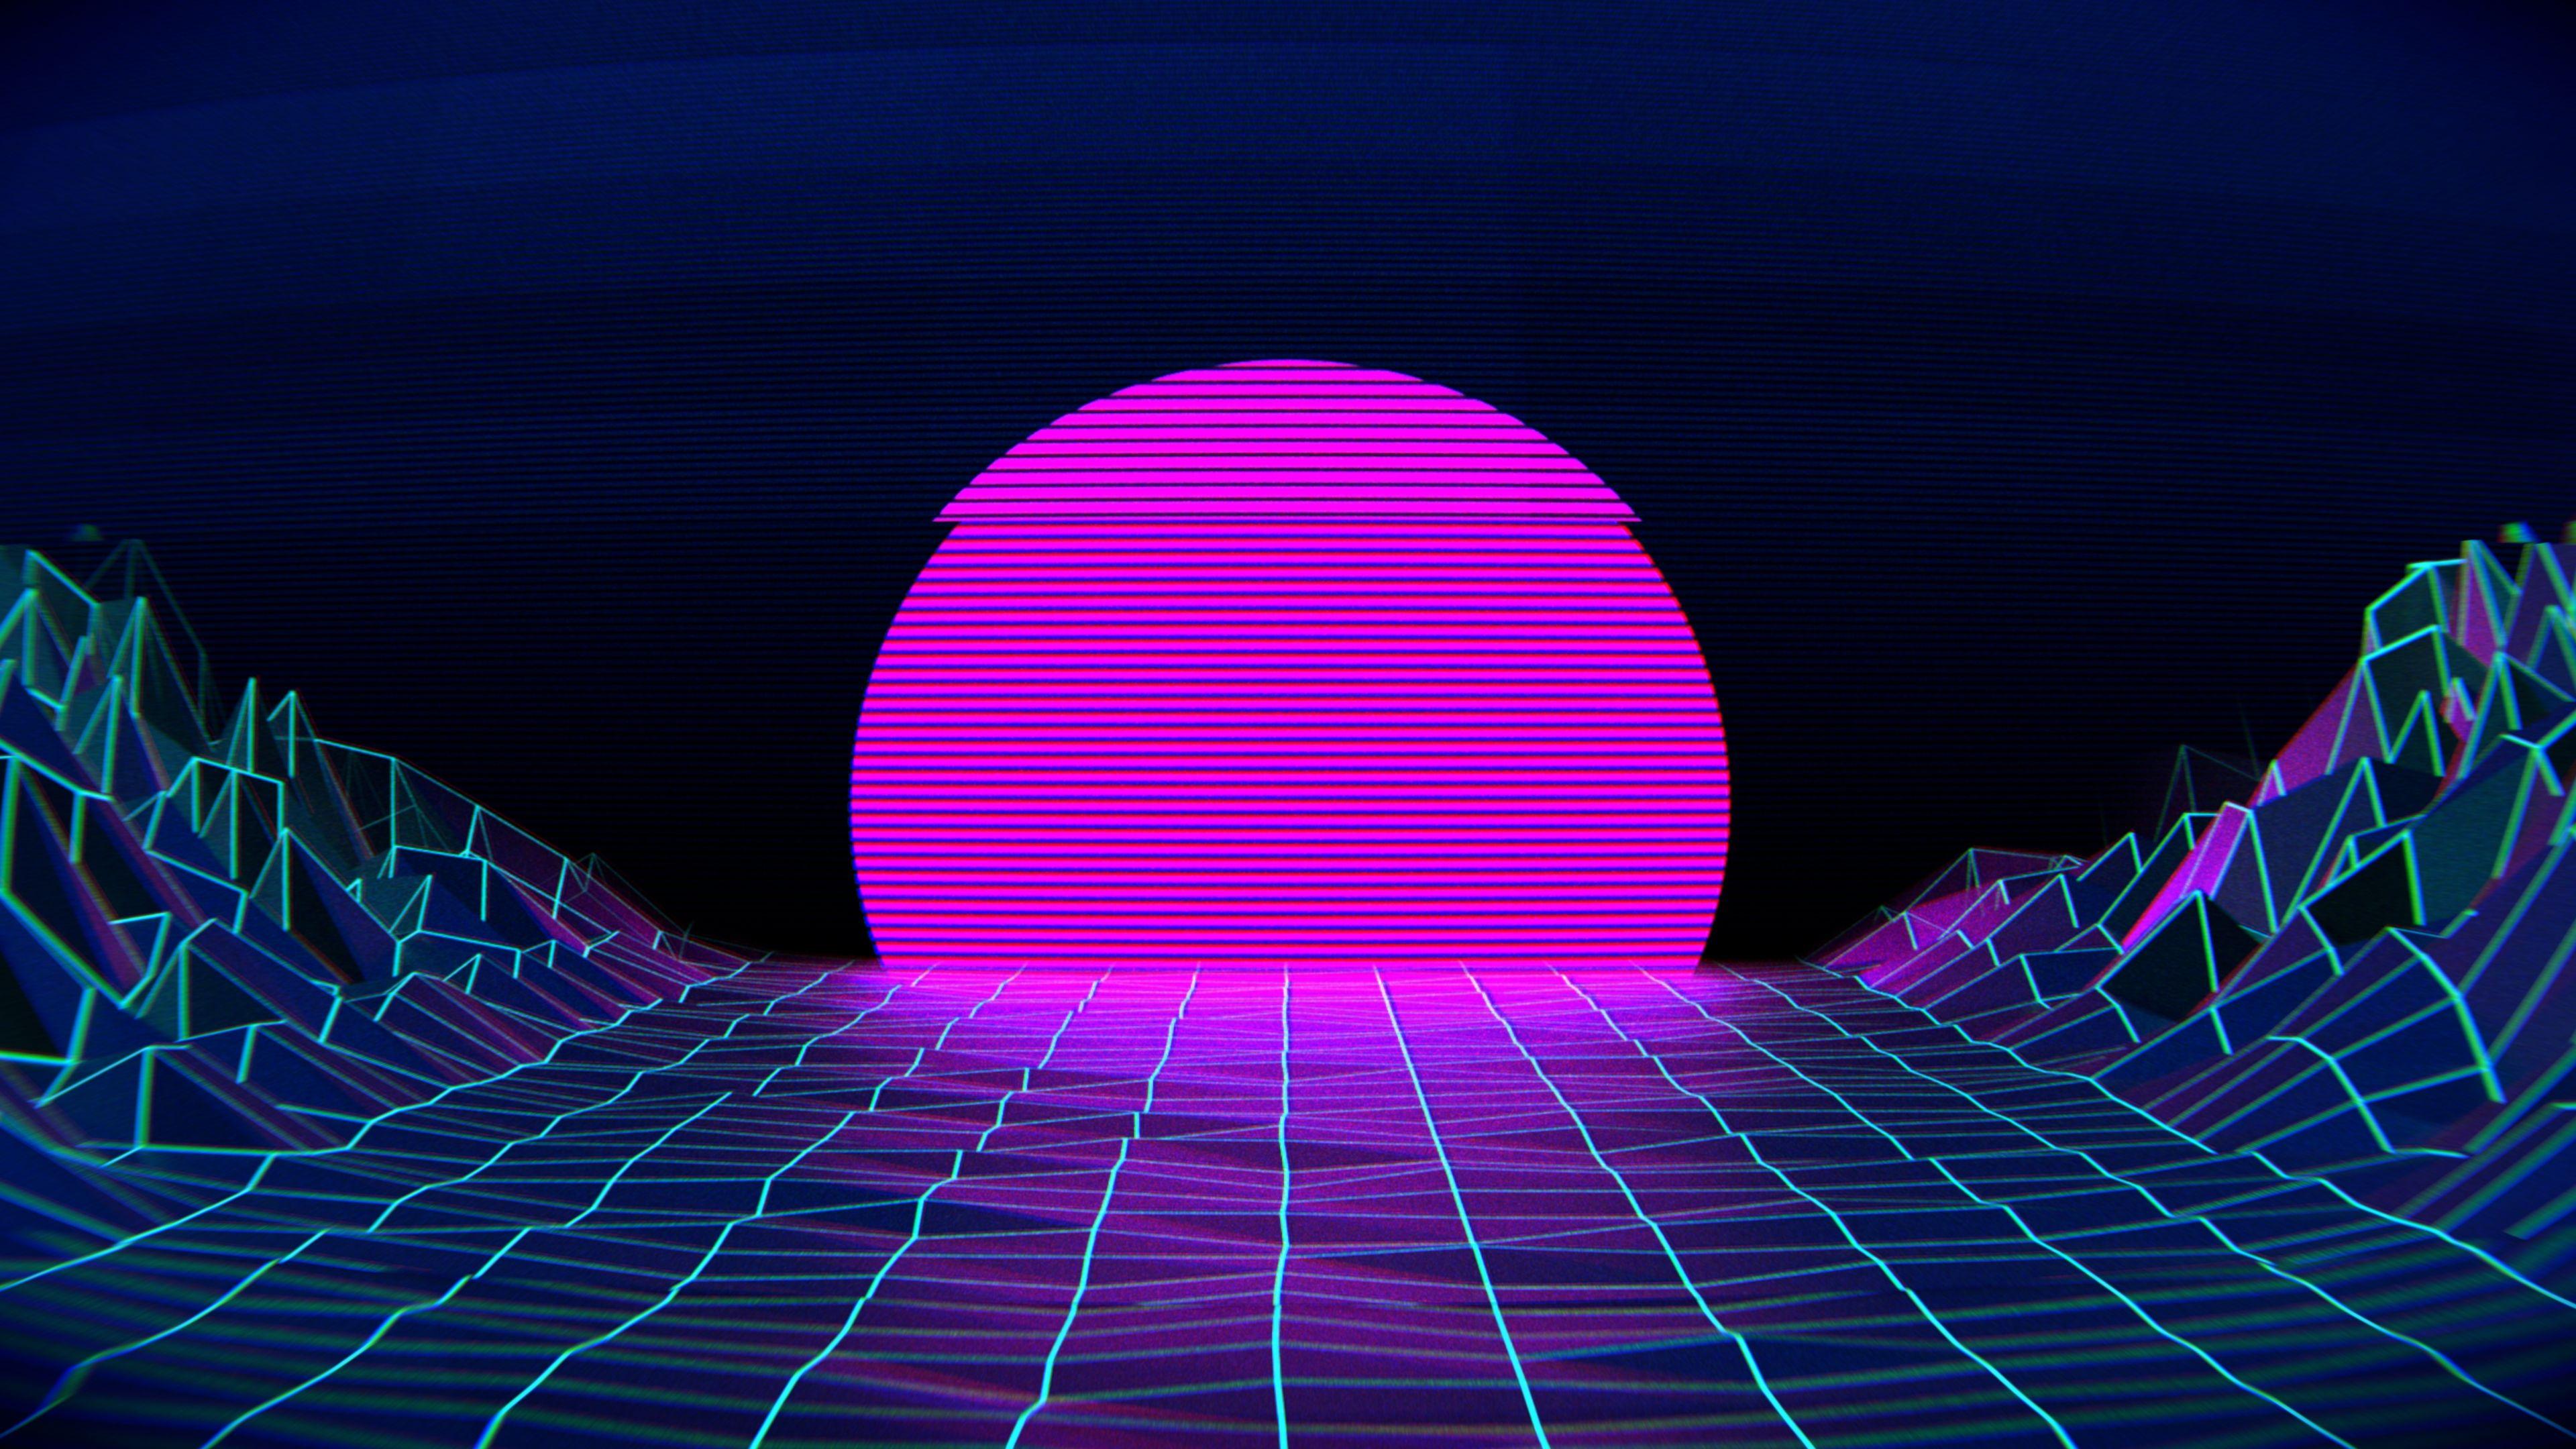 4K Vaporwave Papel de parede vaporwave